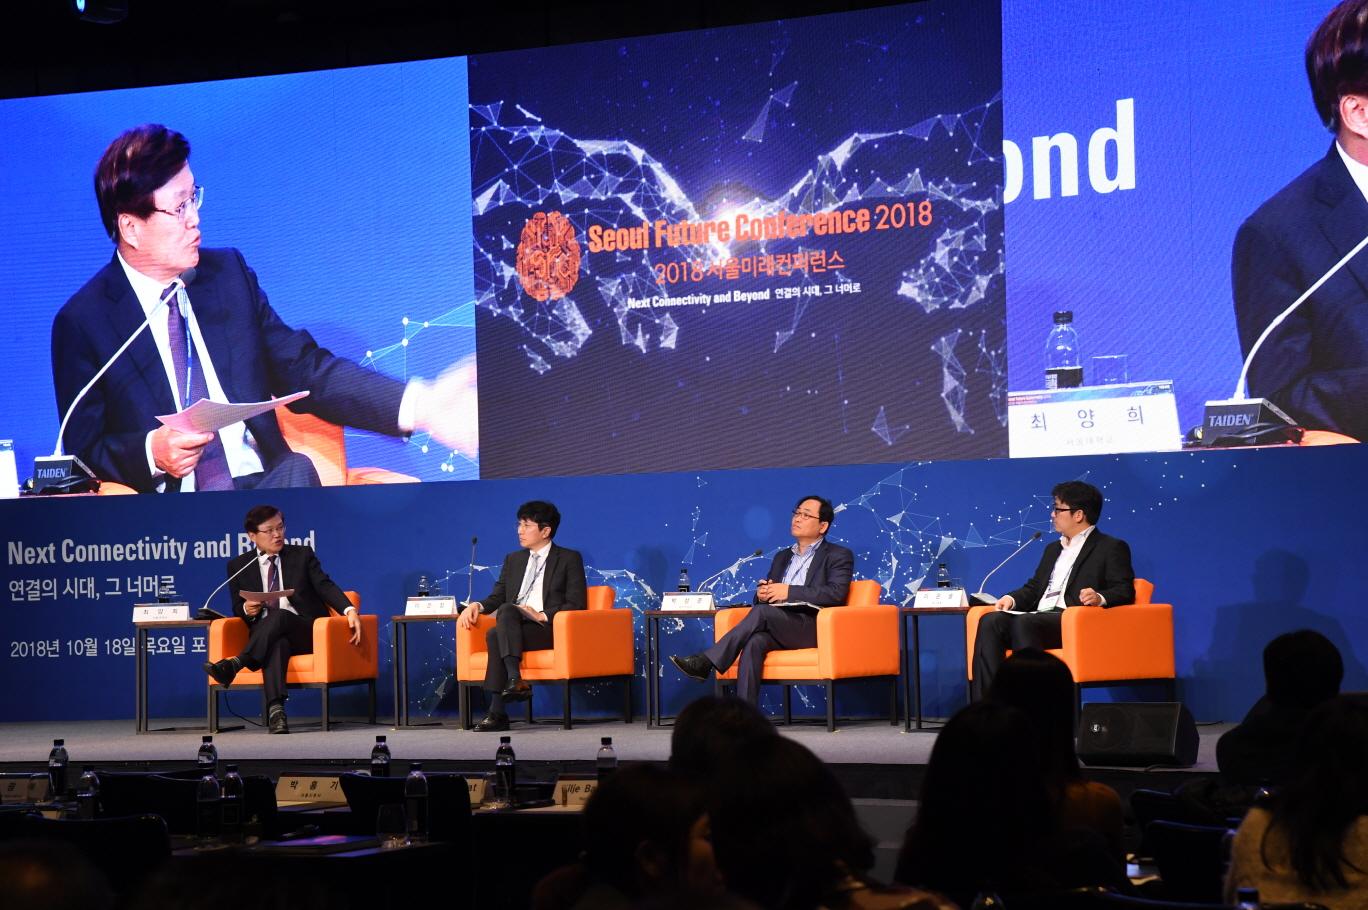 2018 서울미래컨퍼런스 Session I